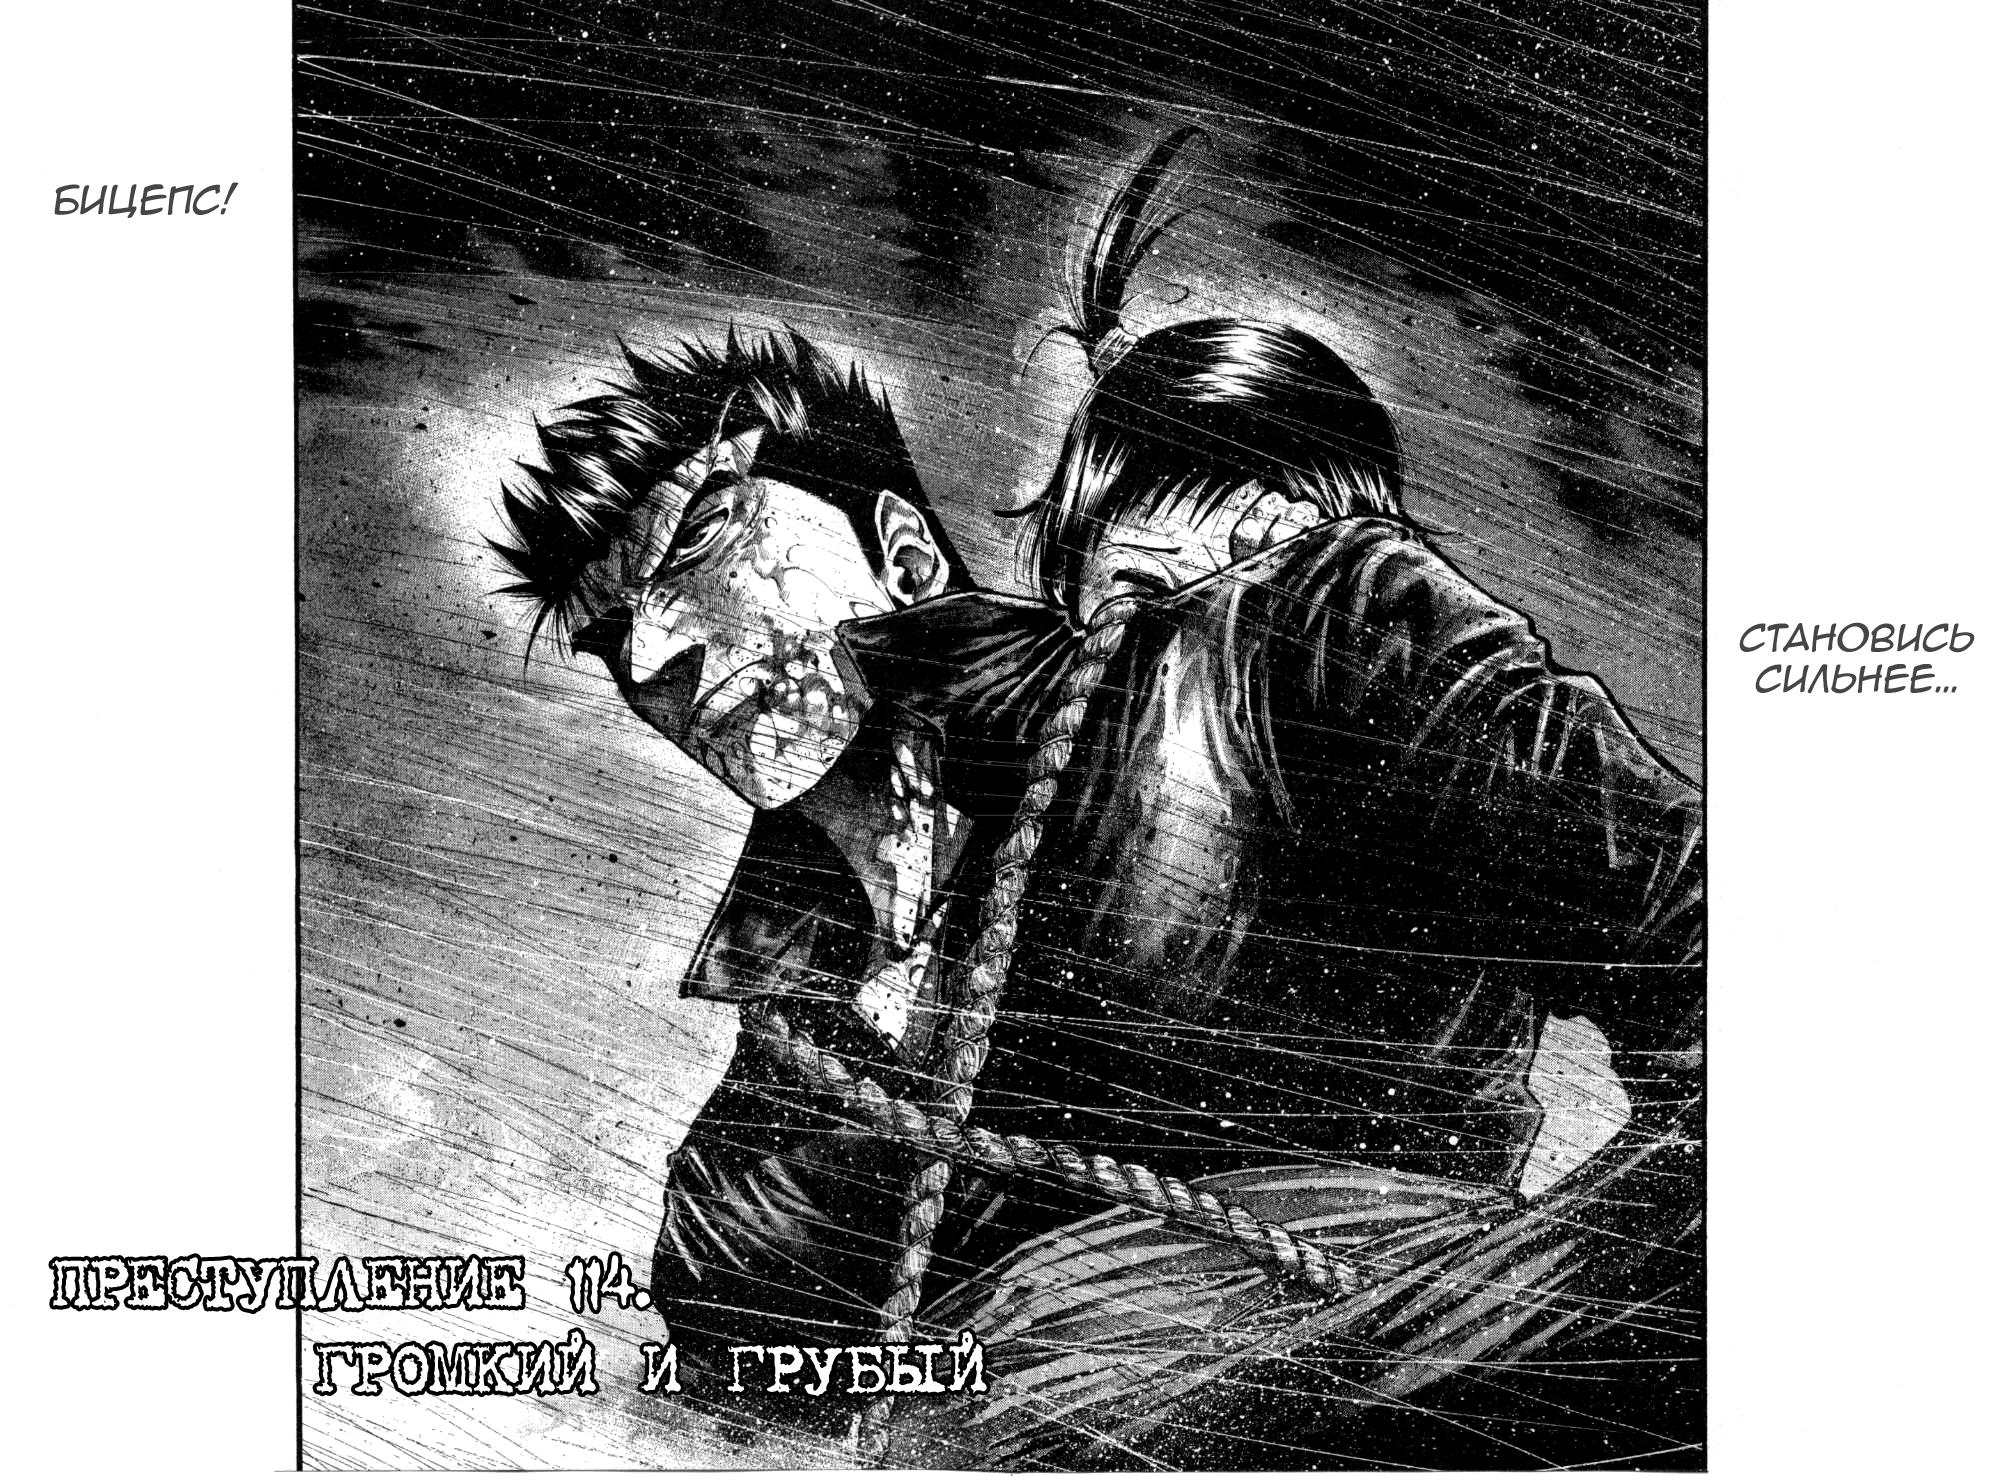 https://r2.ninemanga.com/comics/pic3/55/35447/1277591/1542453764304.png Page 4